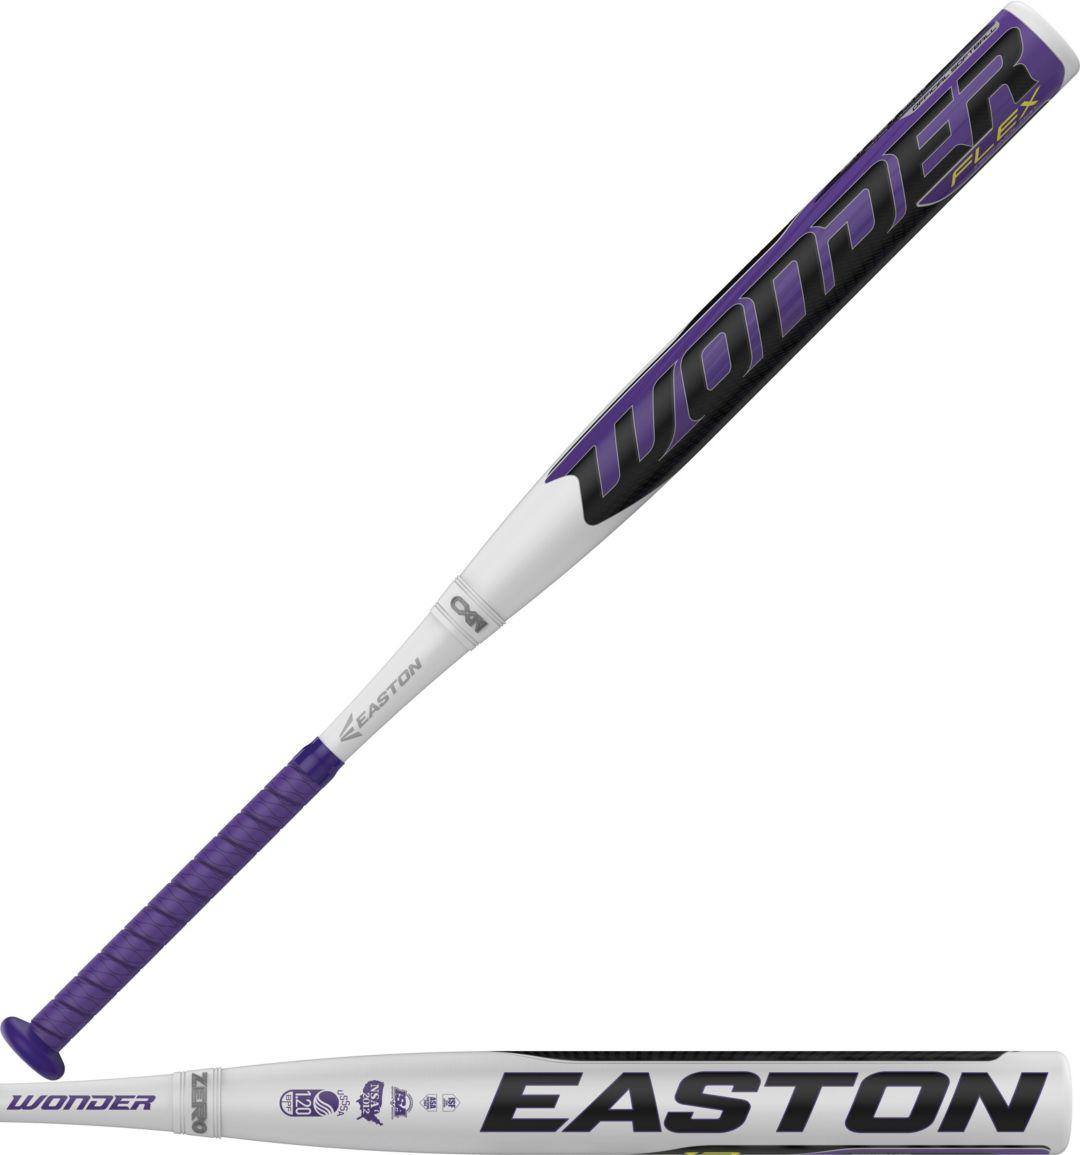 Easton Wonder Fastpitch Bat 2019 (-12)